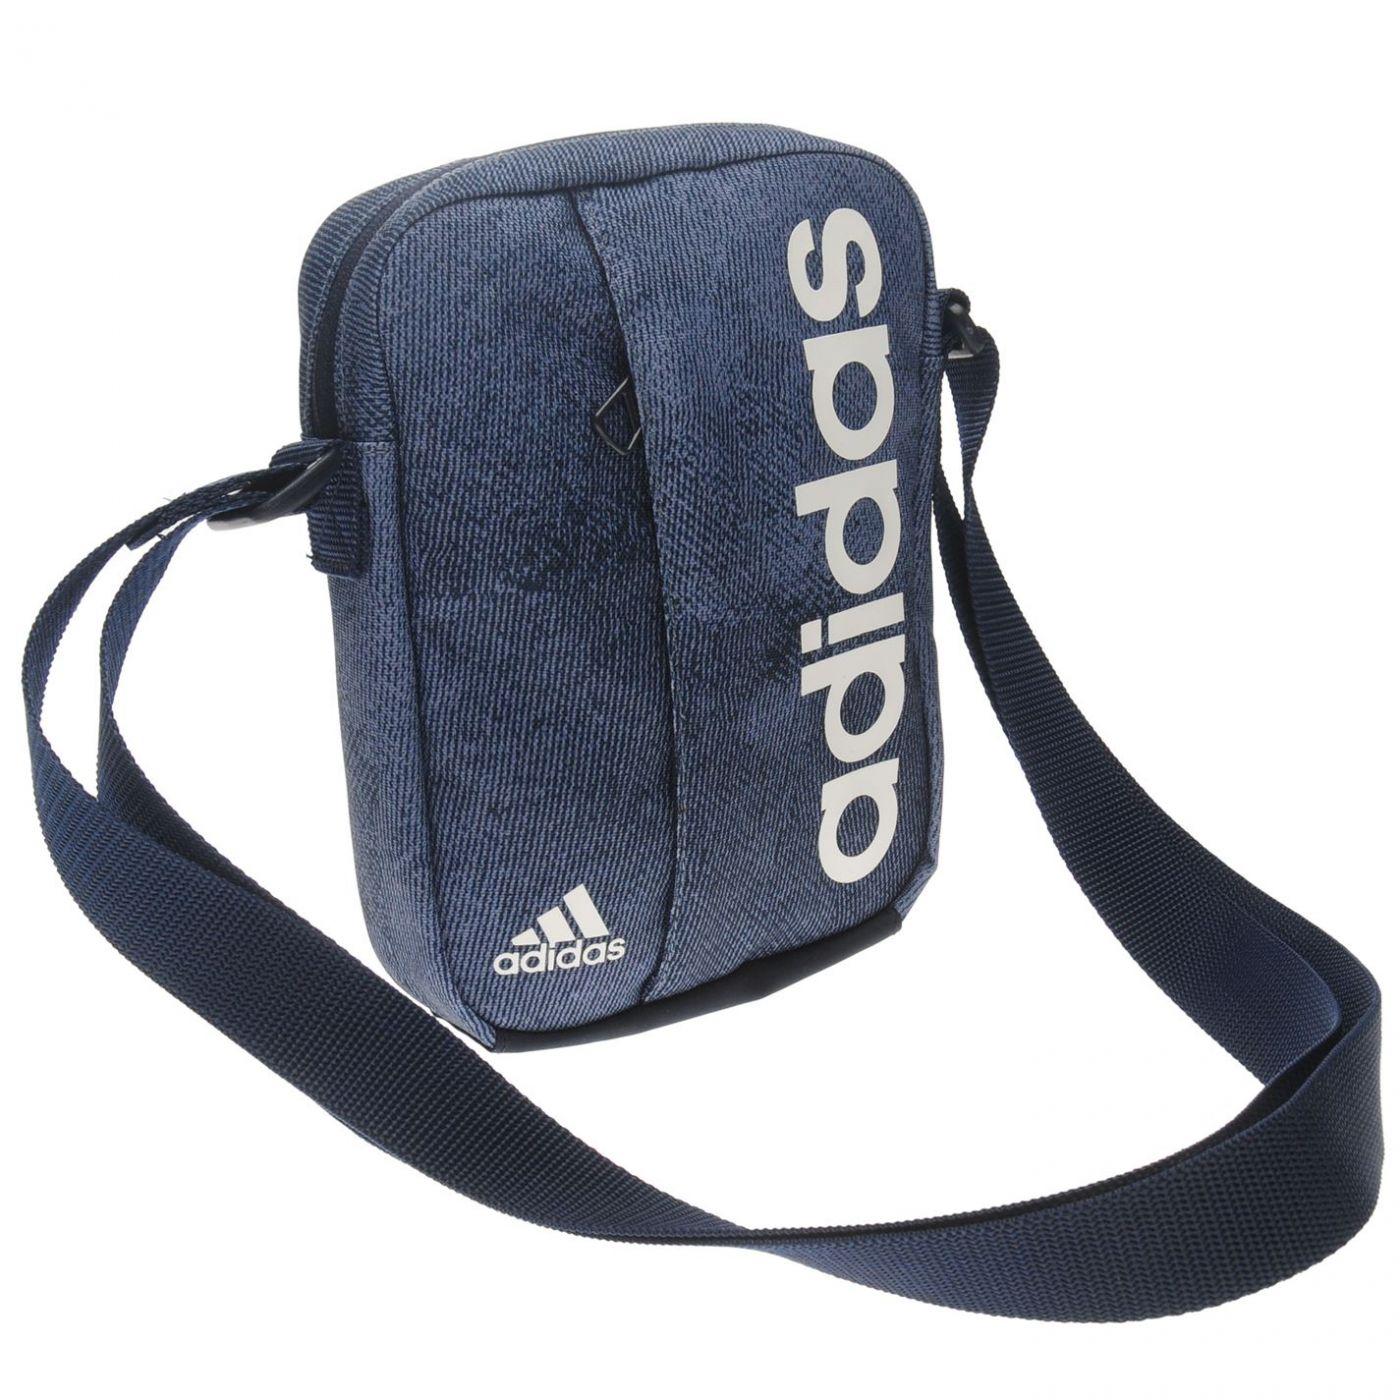 Adidas Gadget Bag